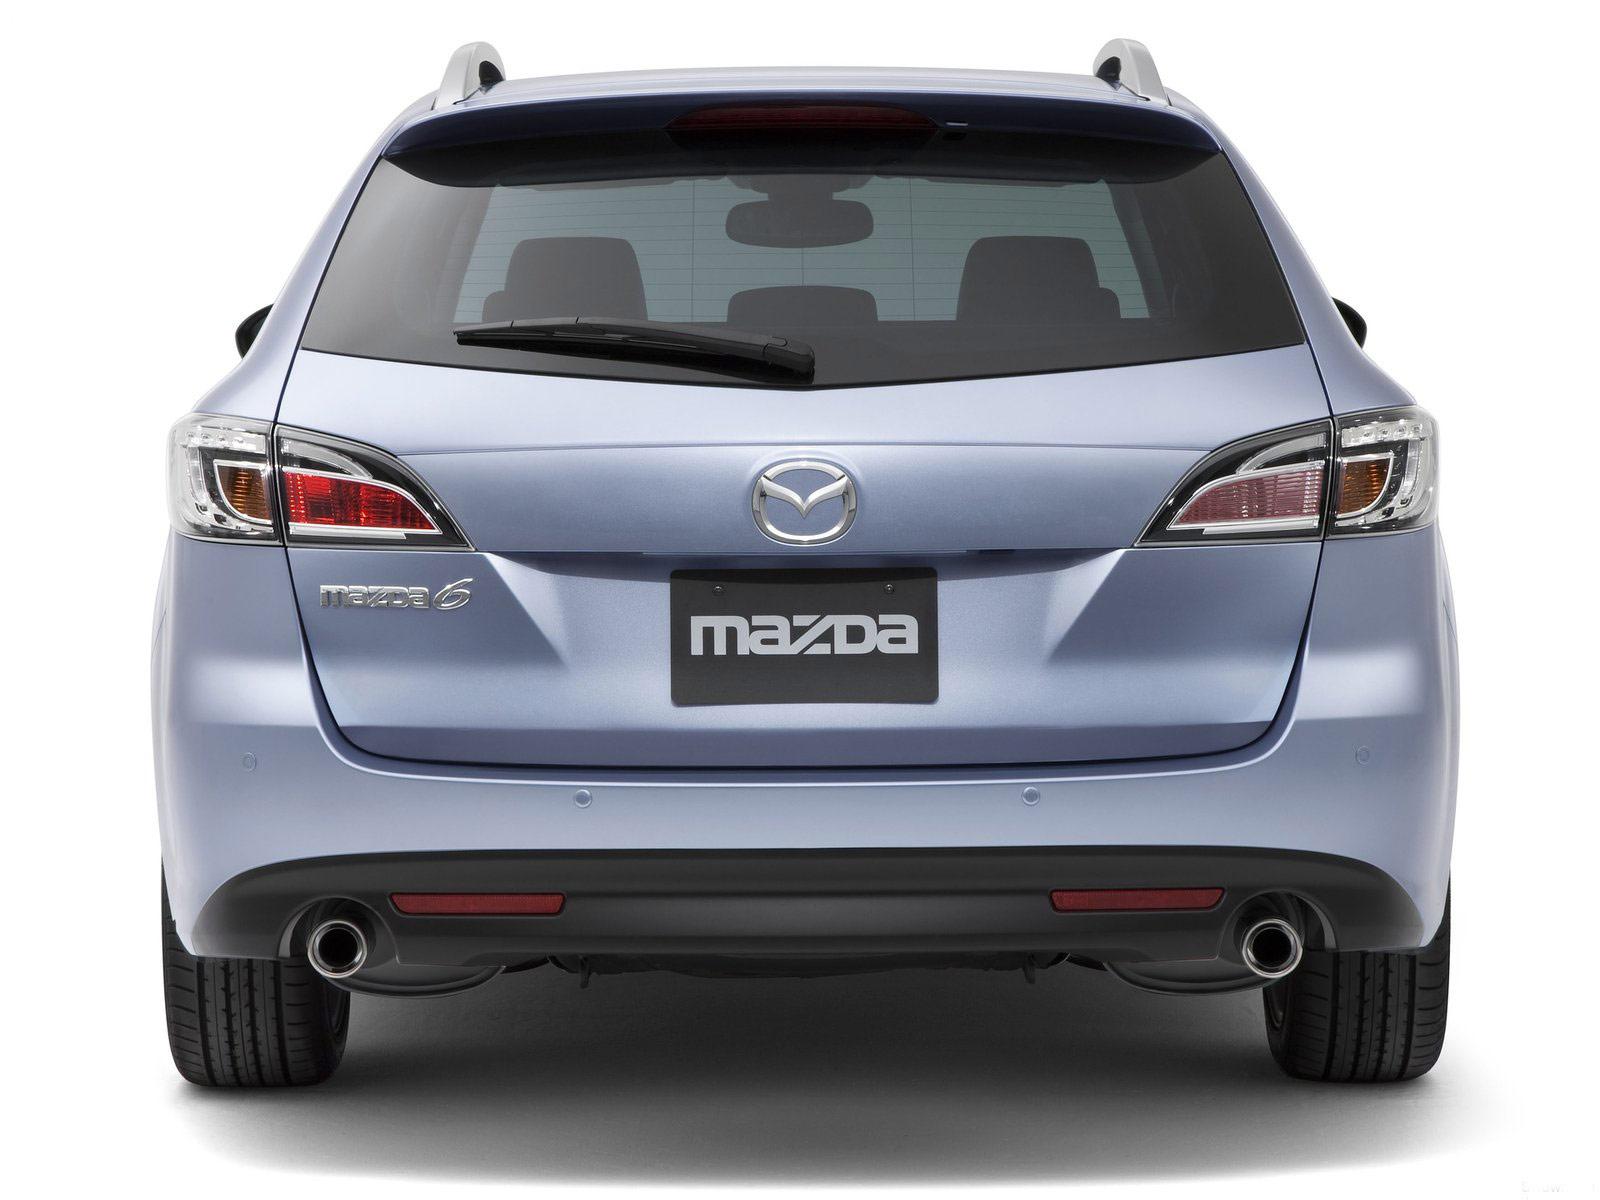 http://2.bp.blogspot.com/-8BD2j4IJ2Kc/TouOouUD2vI/AAAAAAAAFAY/aCq-mRkkGf4/s1600/Mazda-6_Wagon_2011_japanese-car-wallpapers-9.jpg